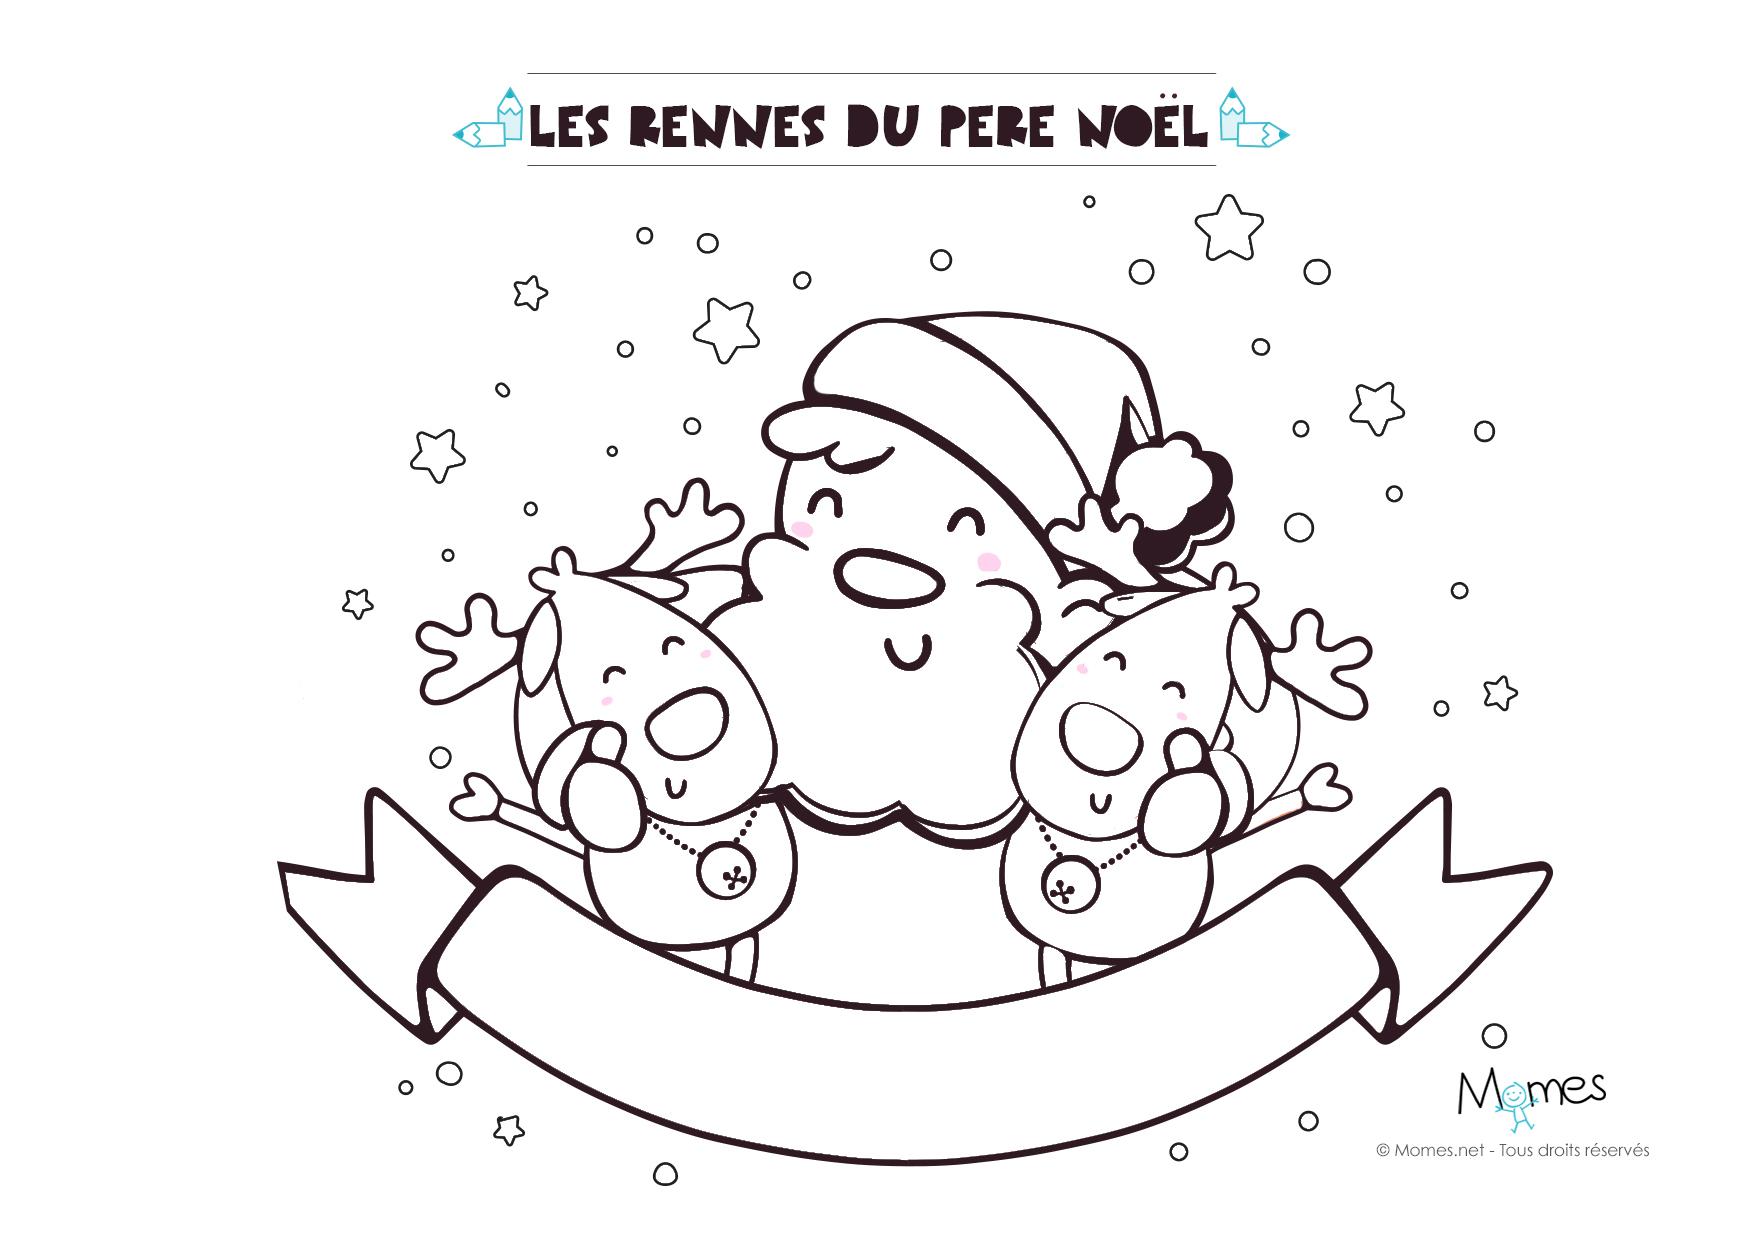 Coloriage De Noël : Le Père Noël Et Ses Rennes - Momes intérieur Pere Noel À Colorier Et Imprimer